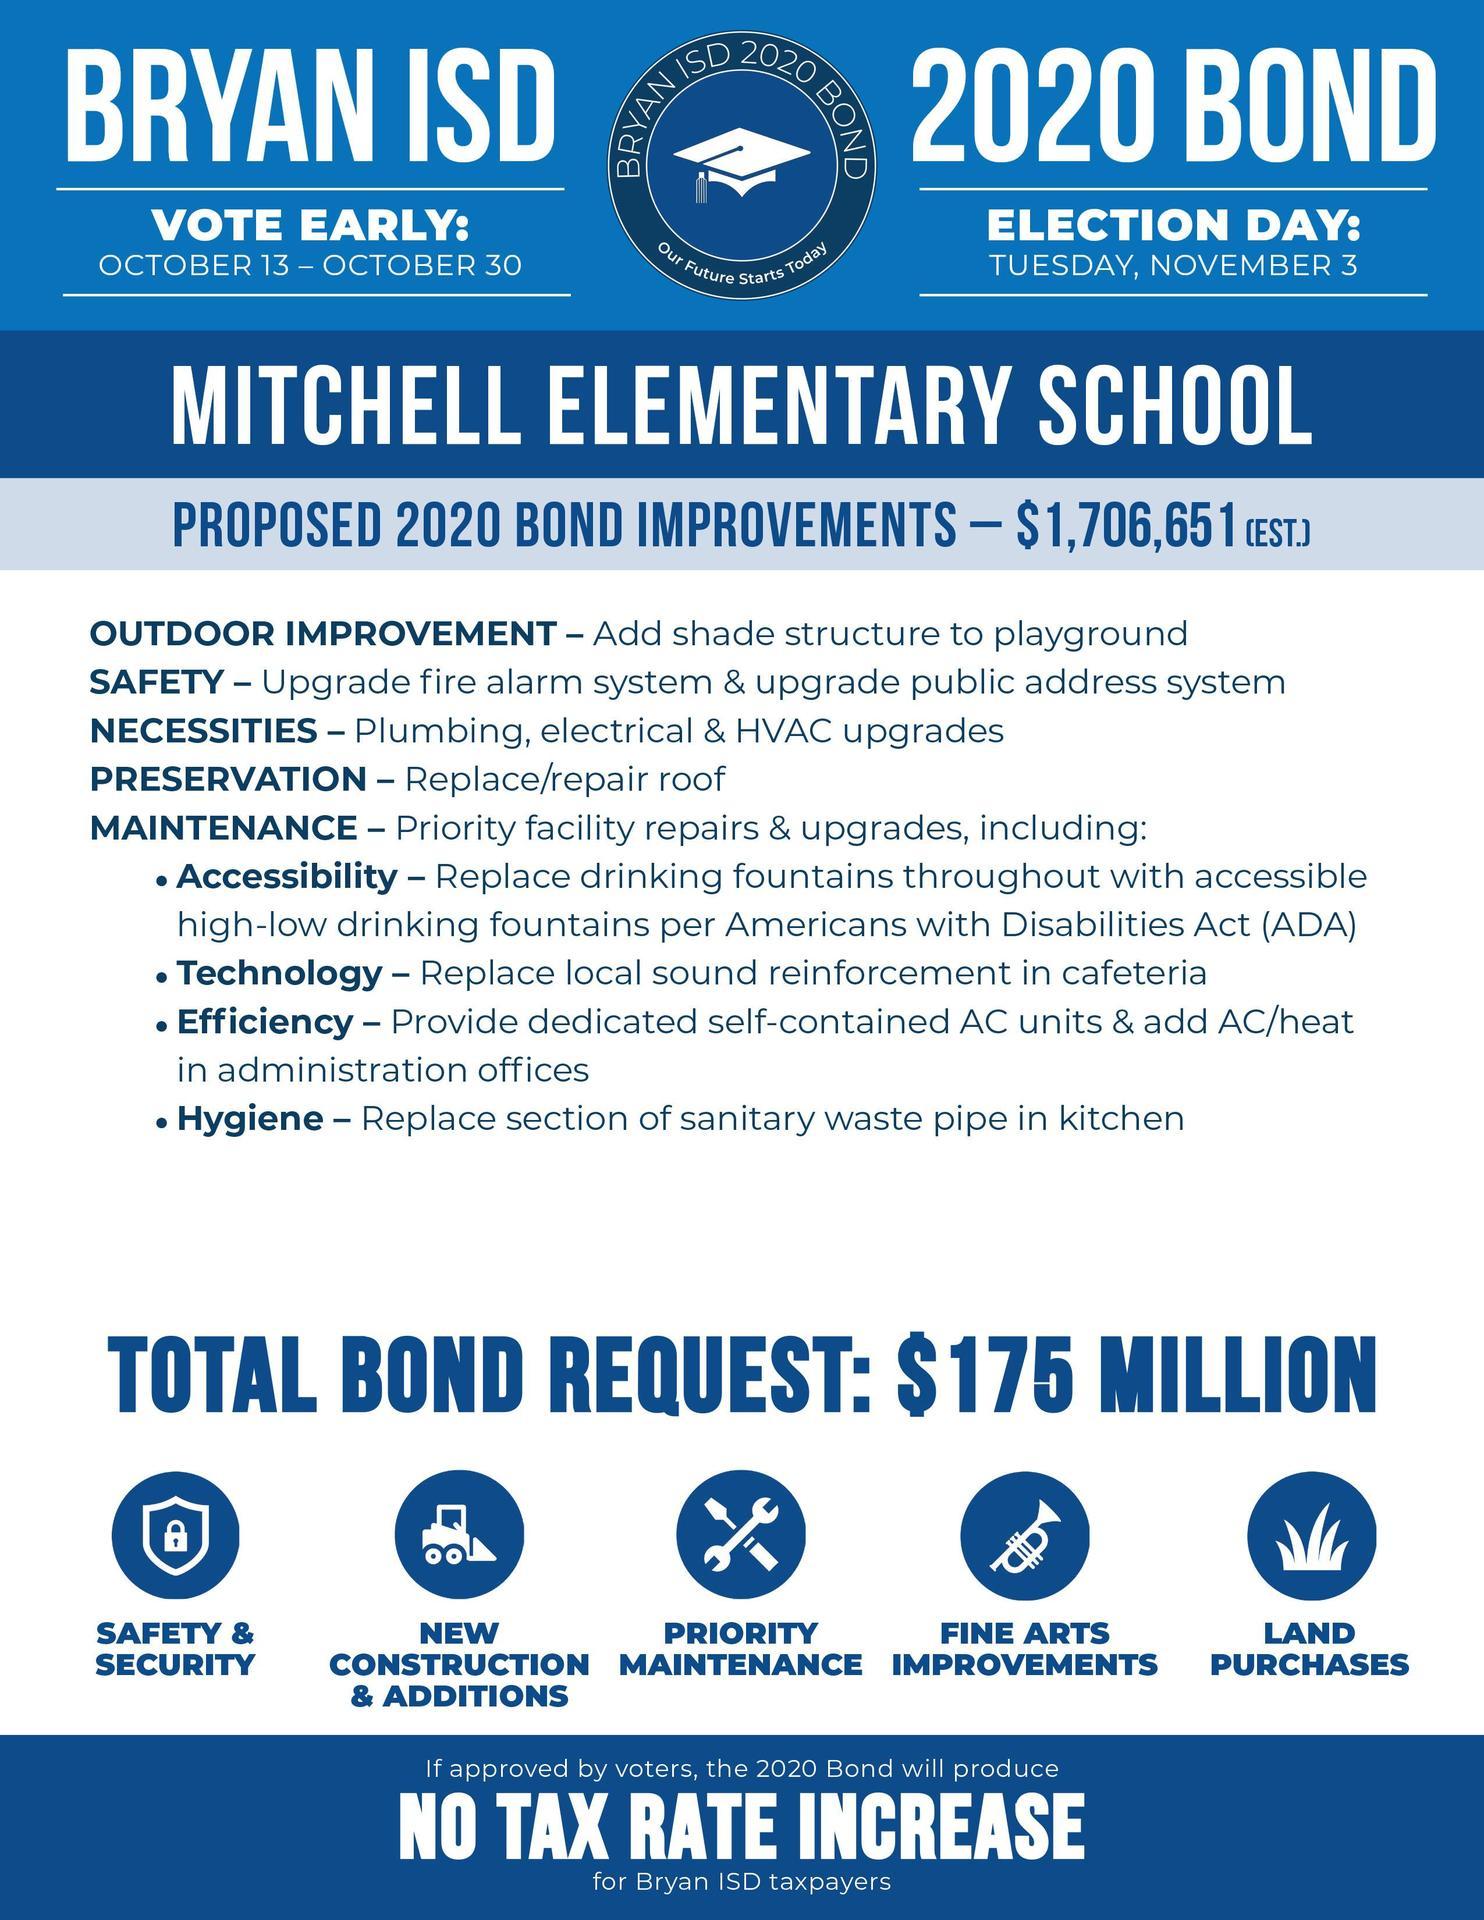 Mitchell Elementary School Bond Information